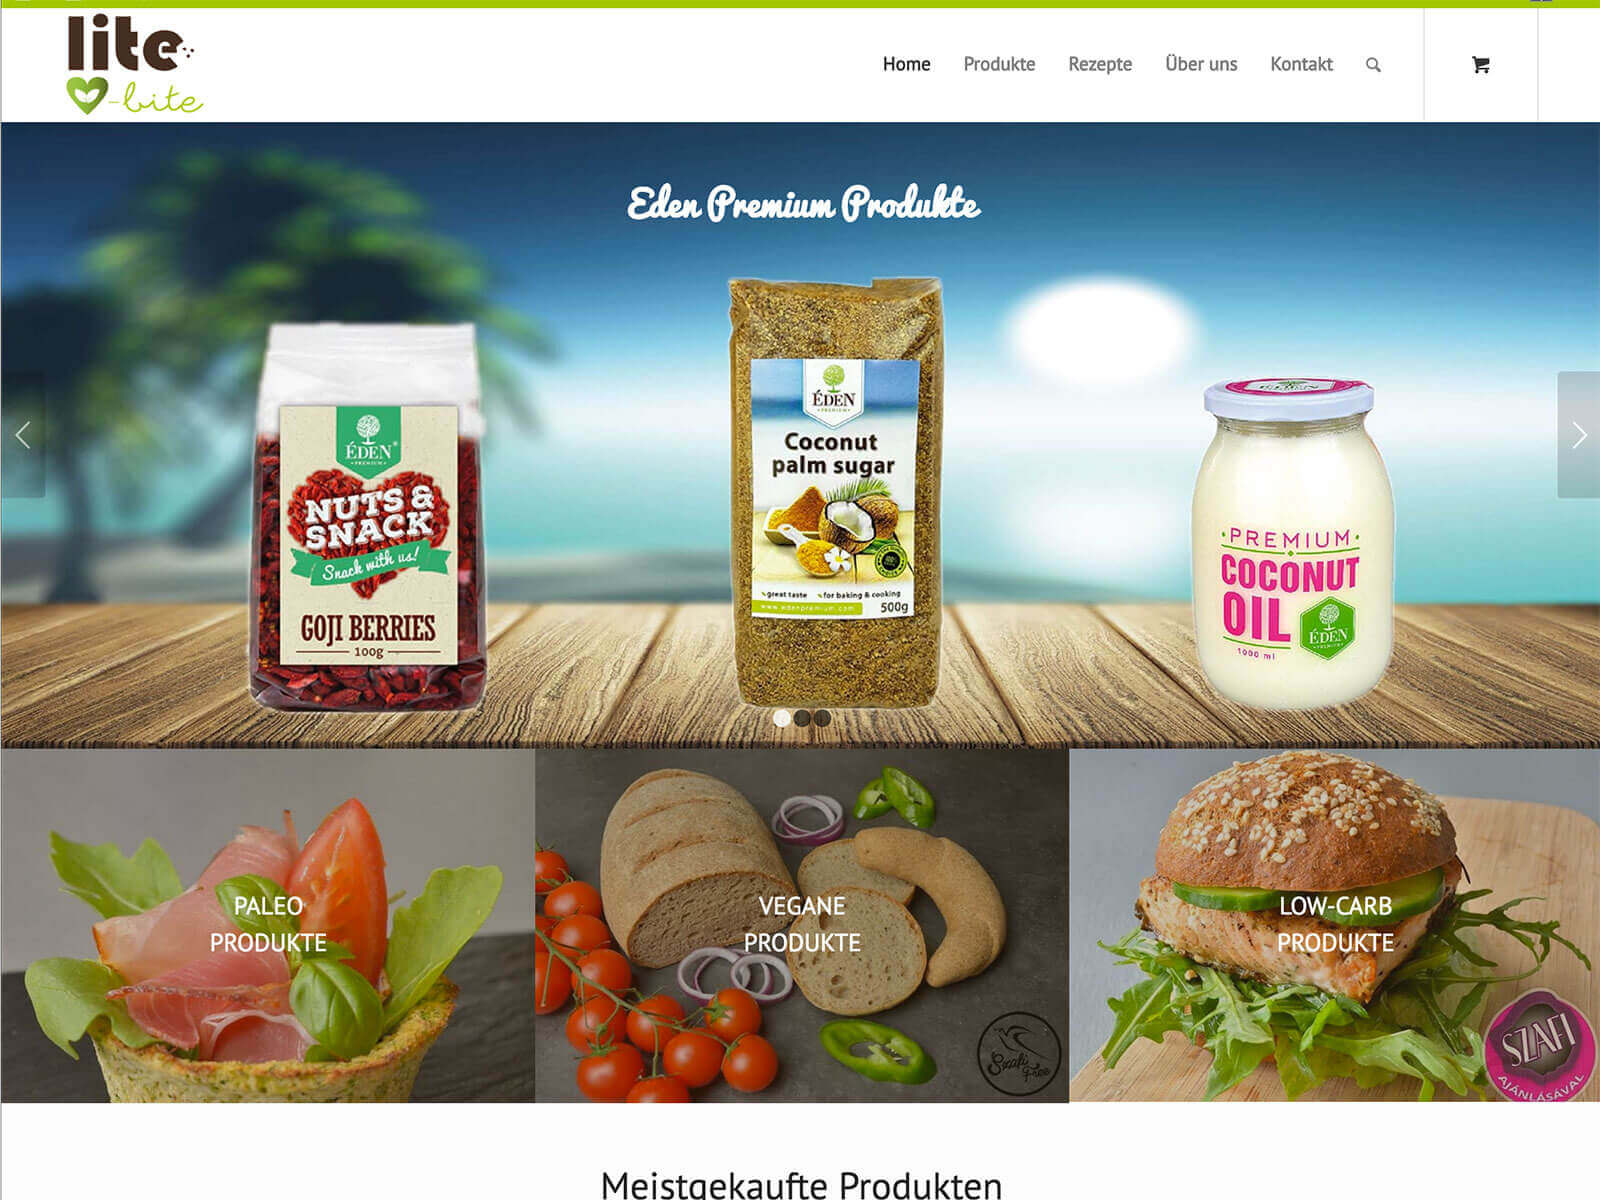 Adwords-Digital Marketing für Lite-Bite